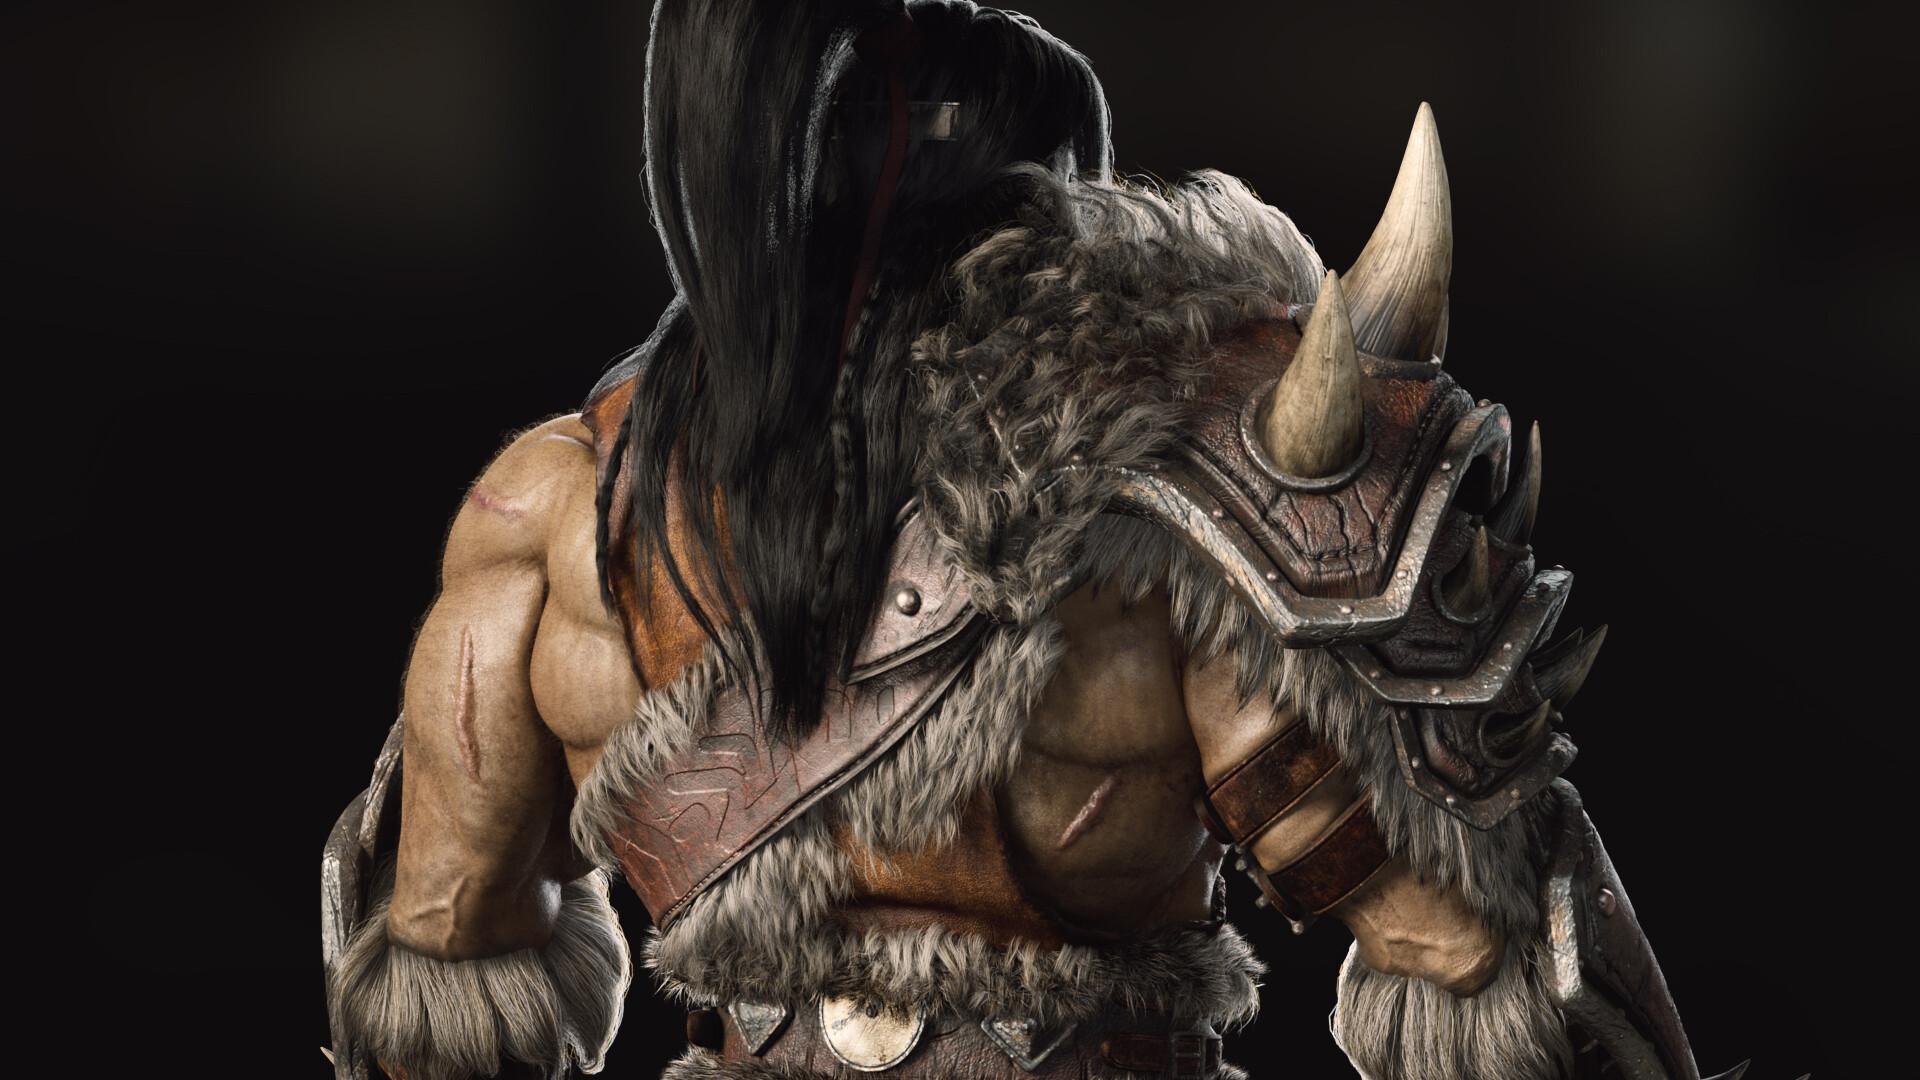 by Paul H. Paulino - World of Warcraft